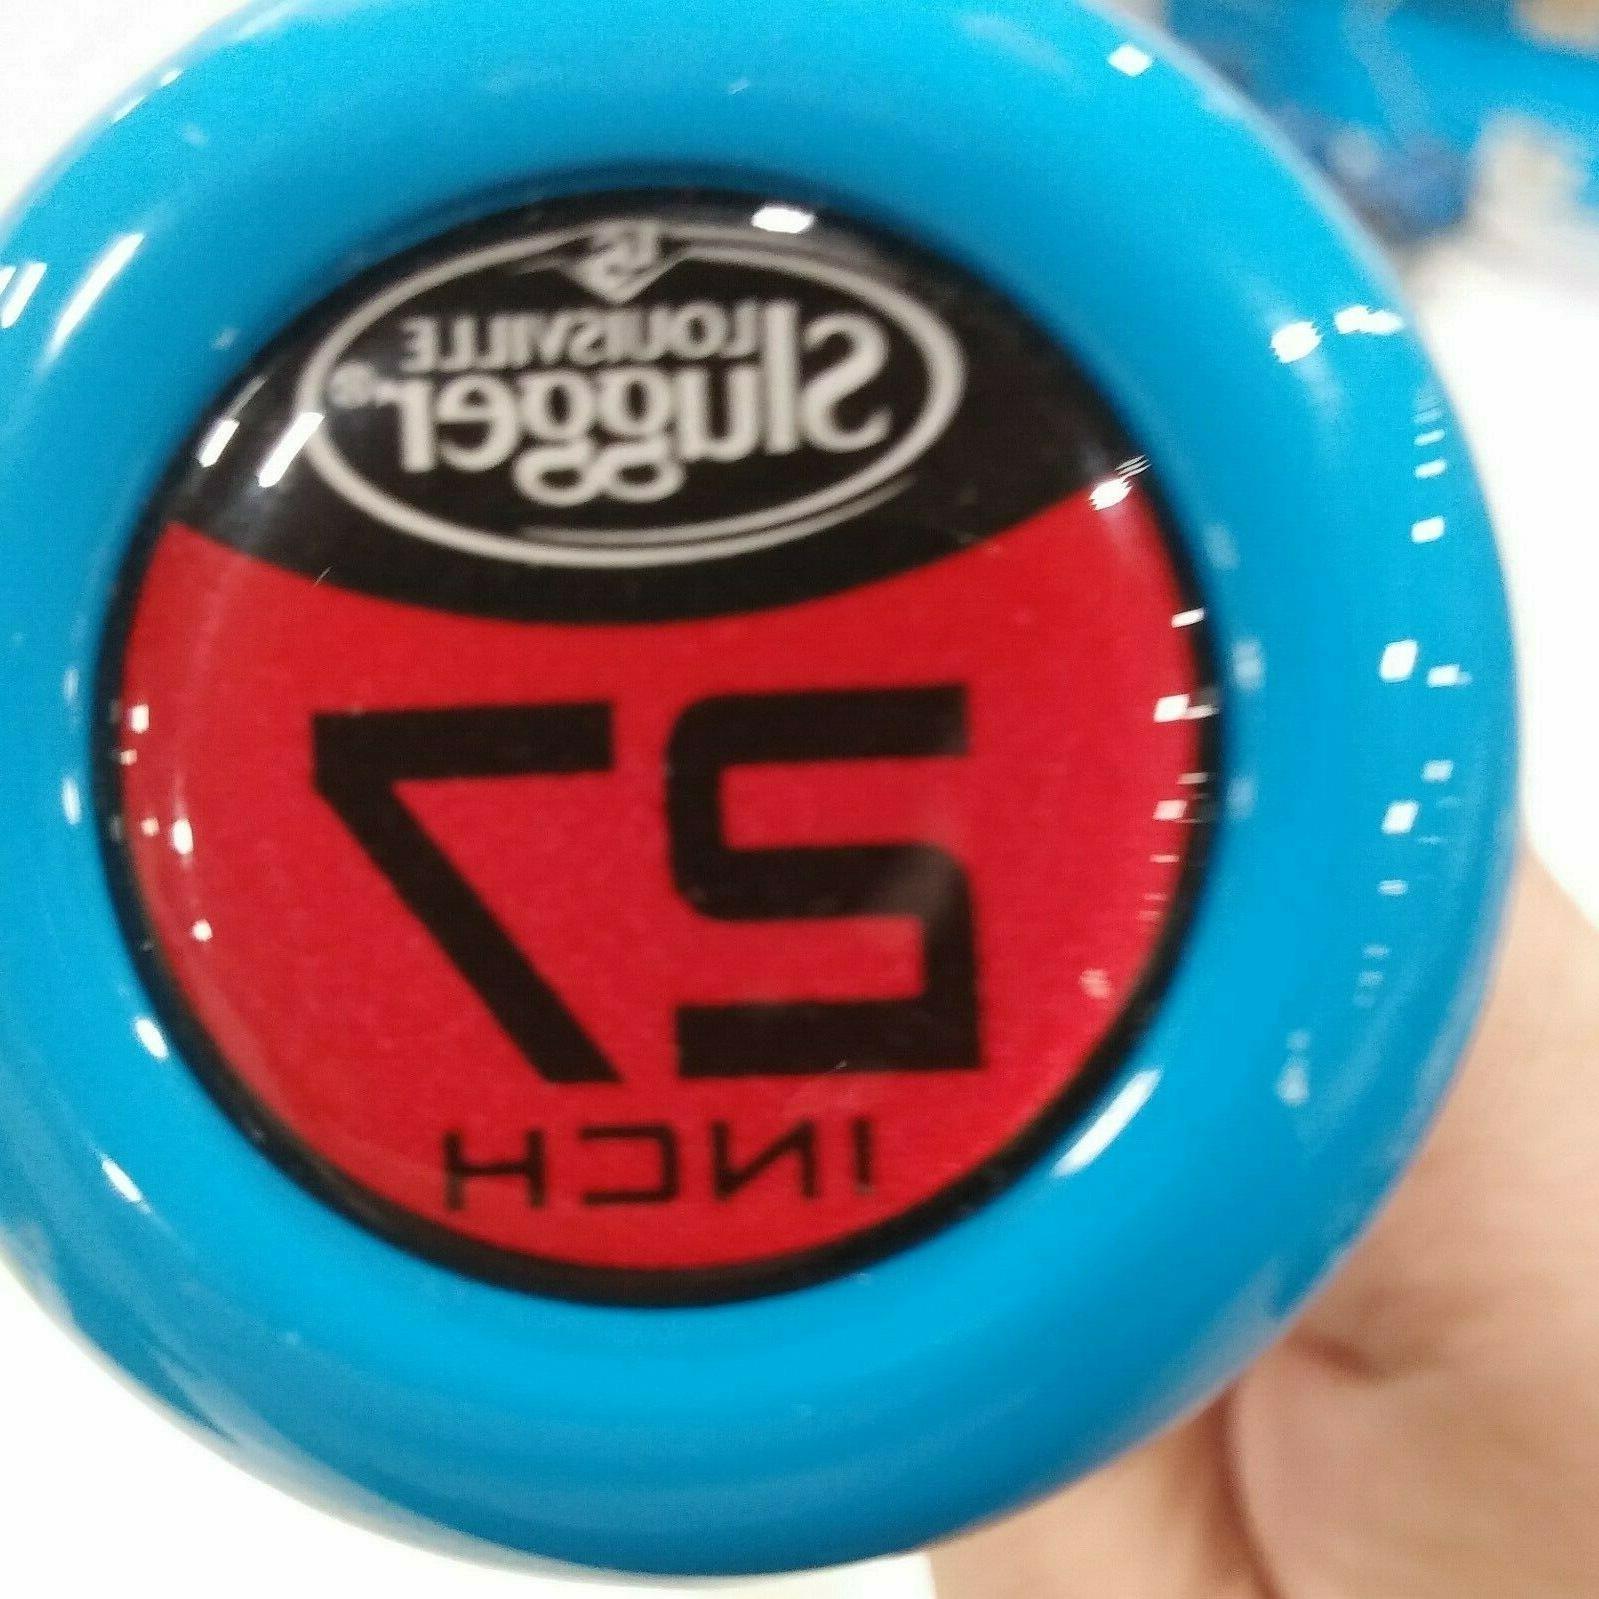 omaha 518 big barrel baseball